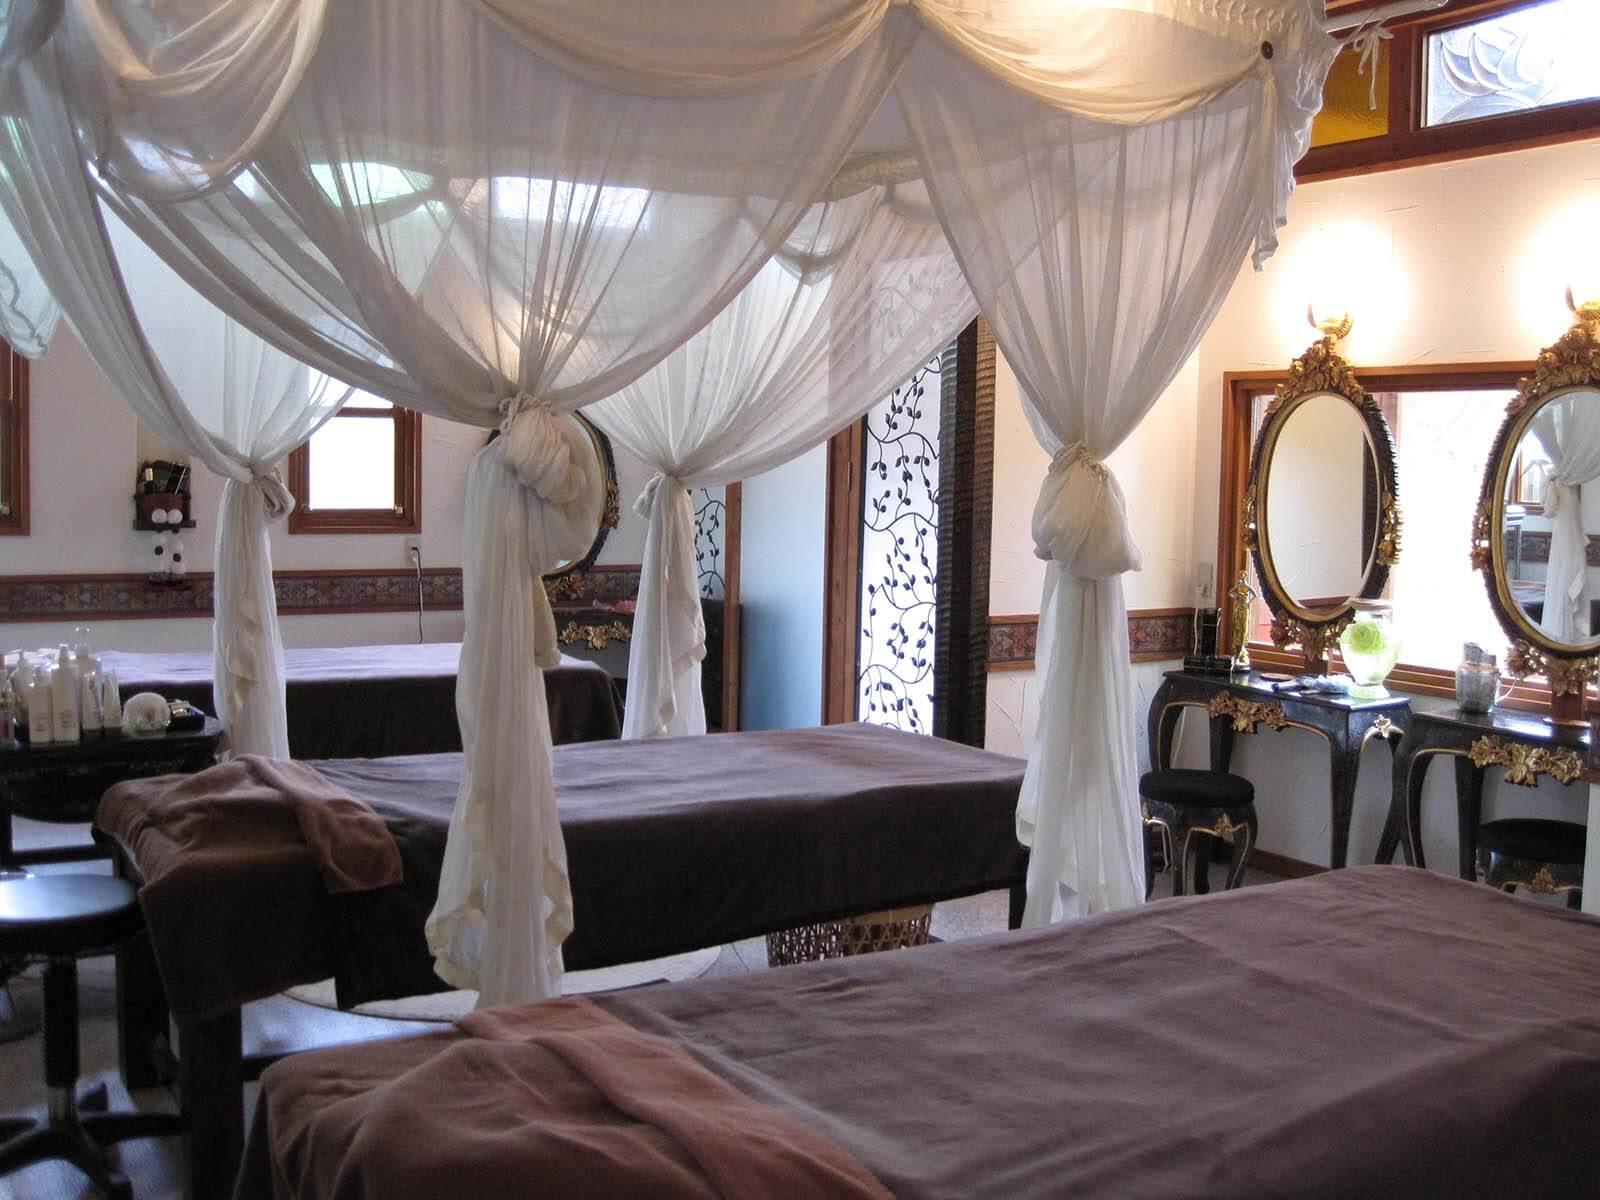 山鹿・平山女性同士で泊まりたい温泉旅館